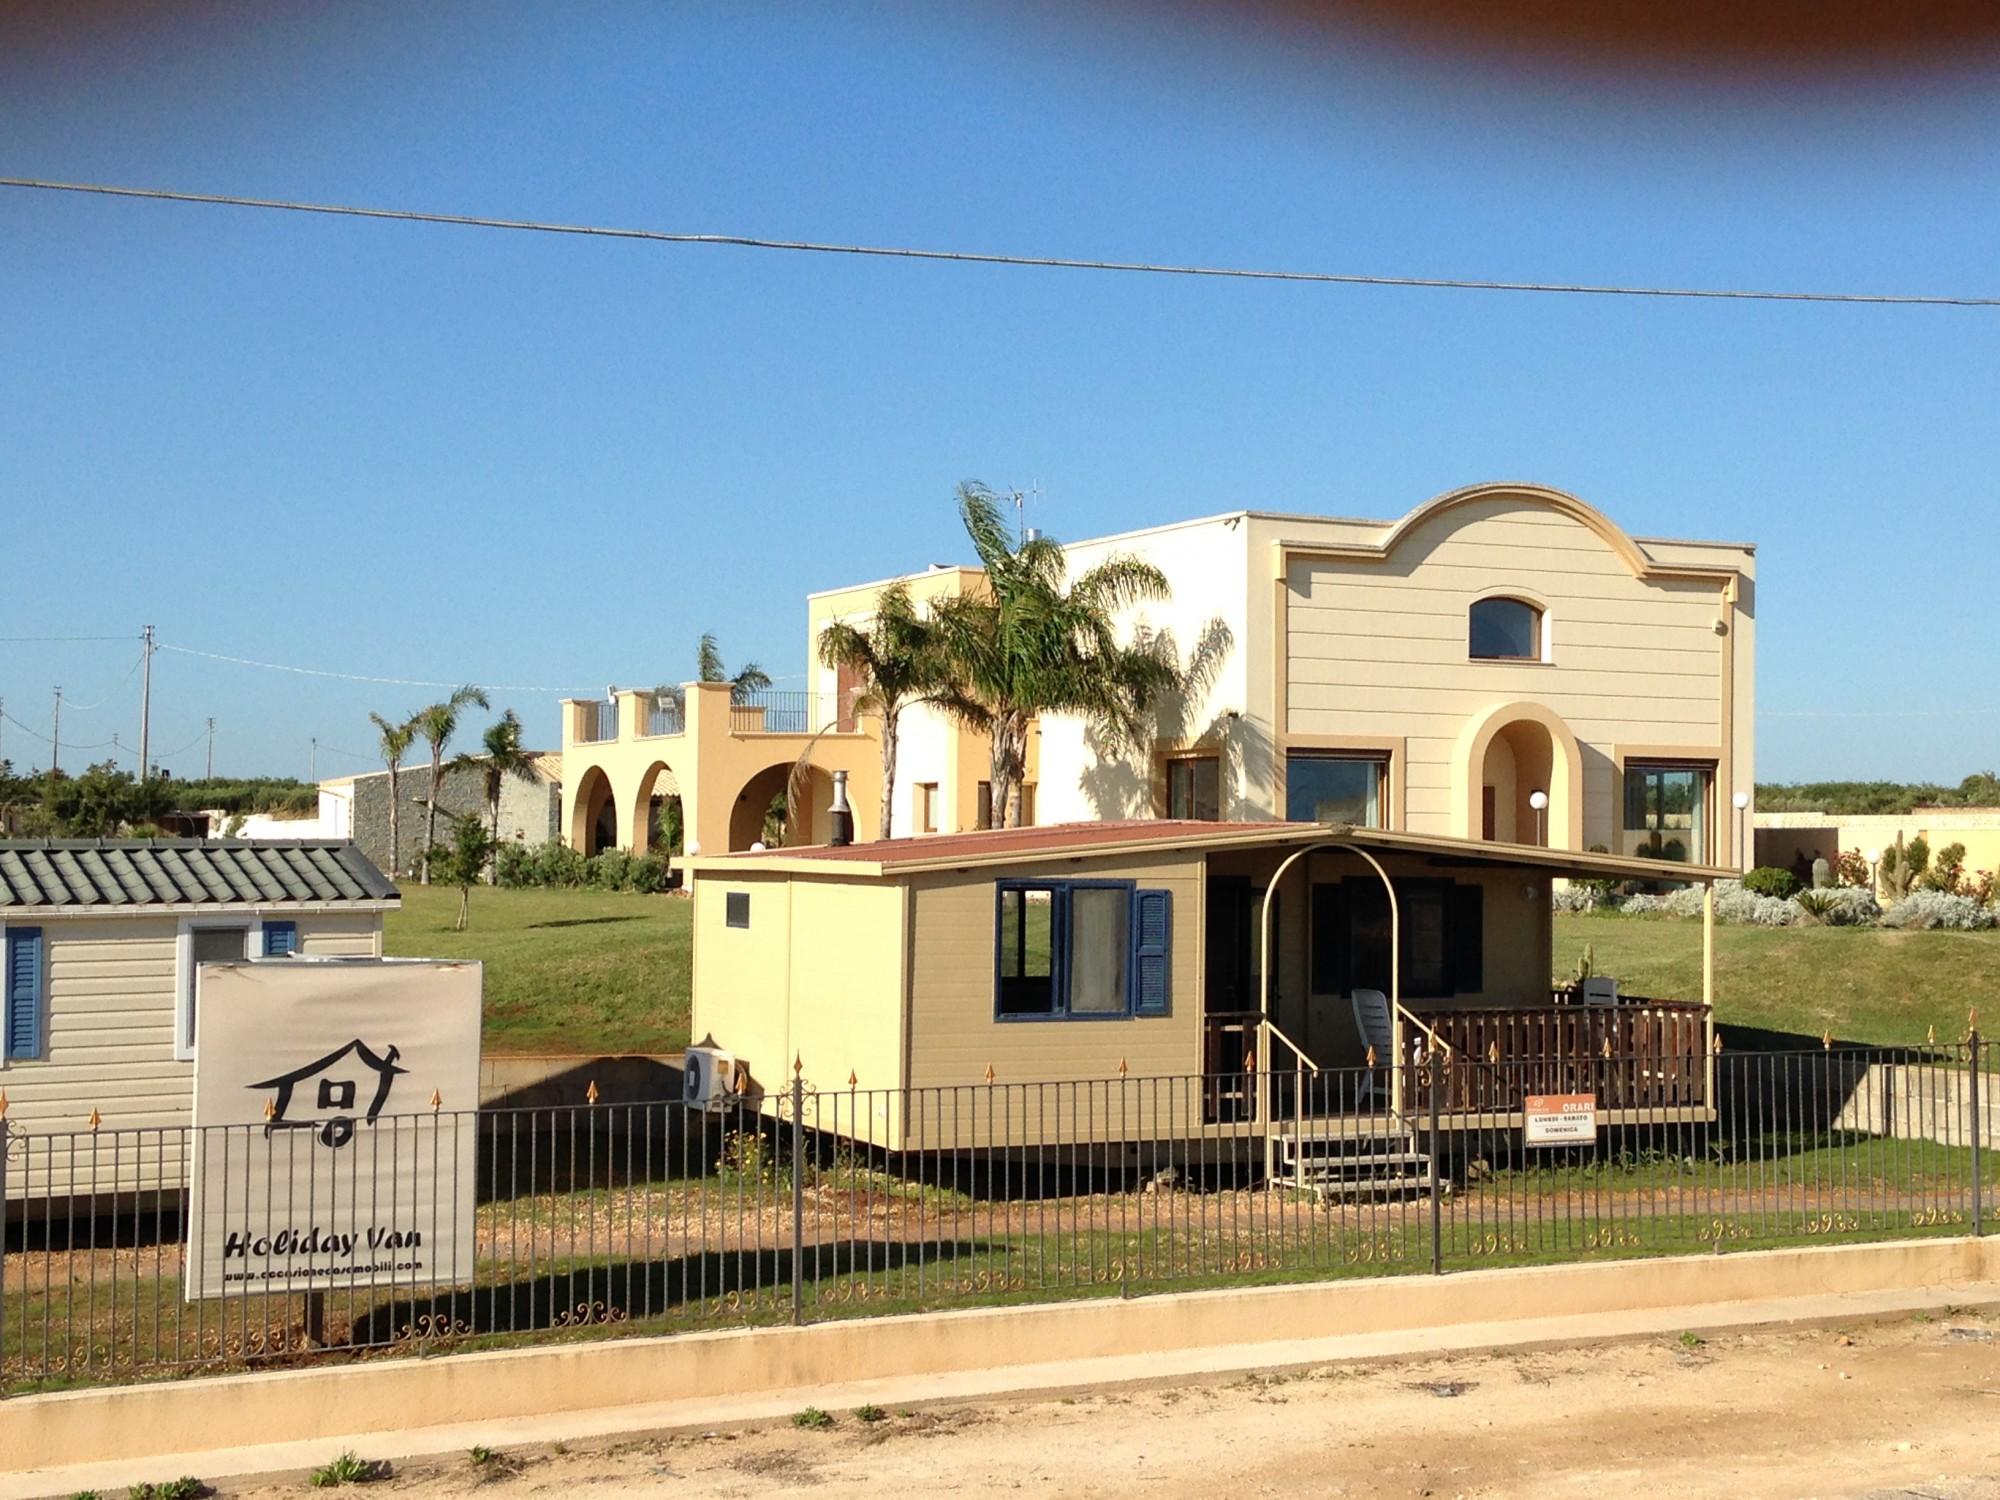 Le terrazze holiday van per le vostre case mobili e case for Mobili per terrazze